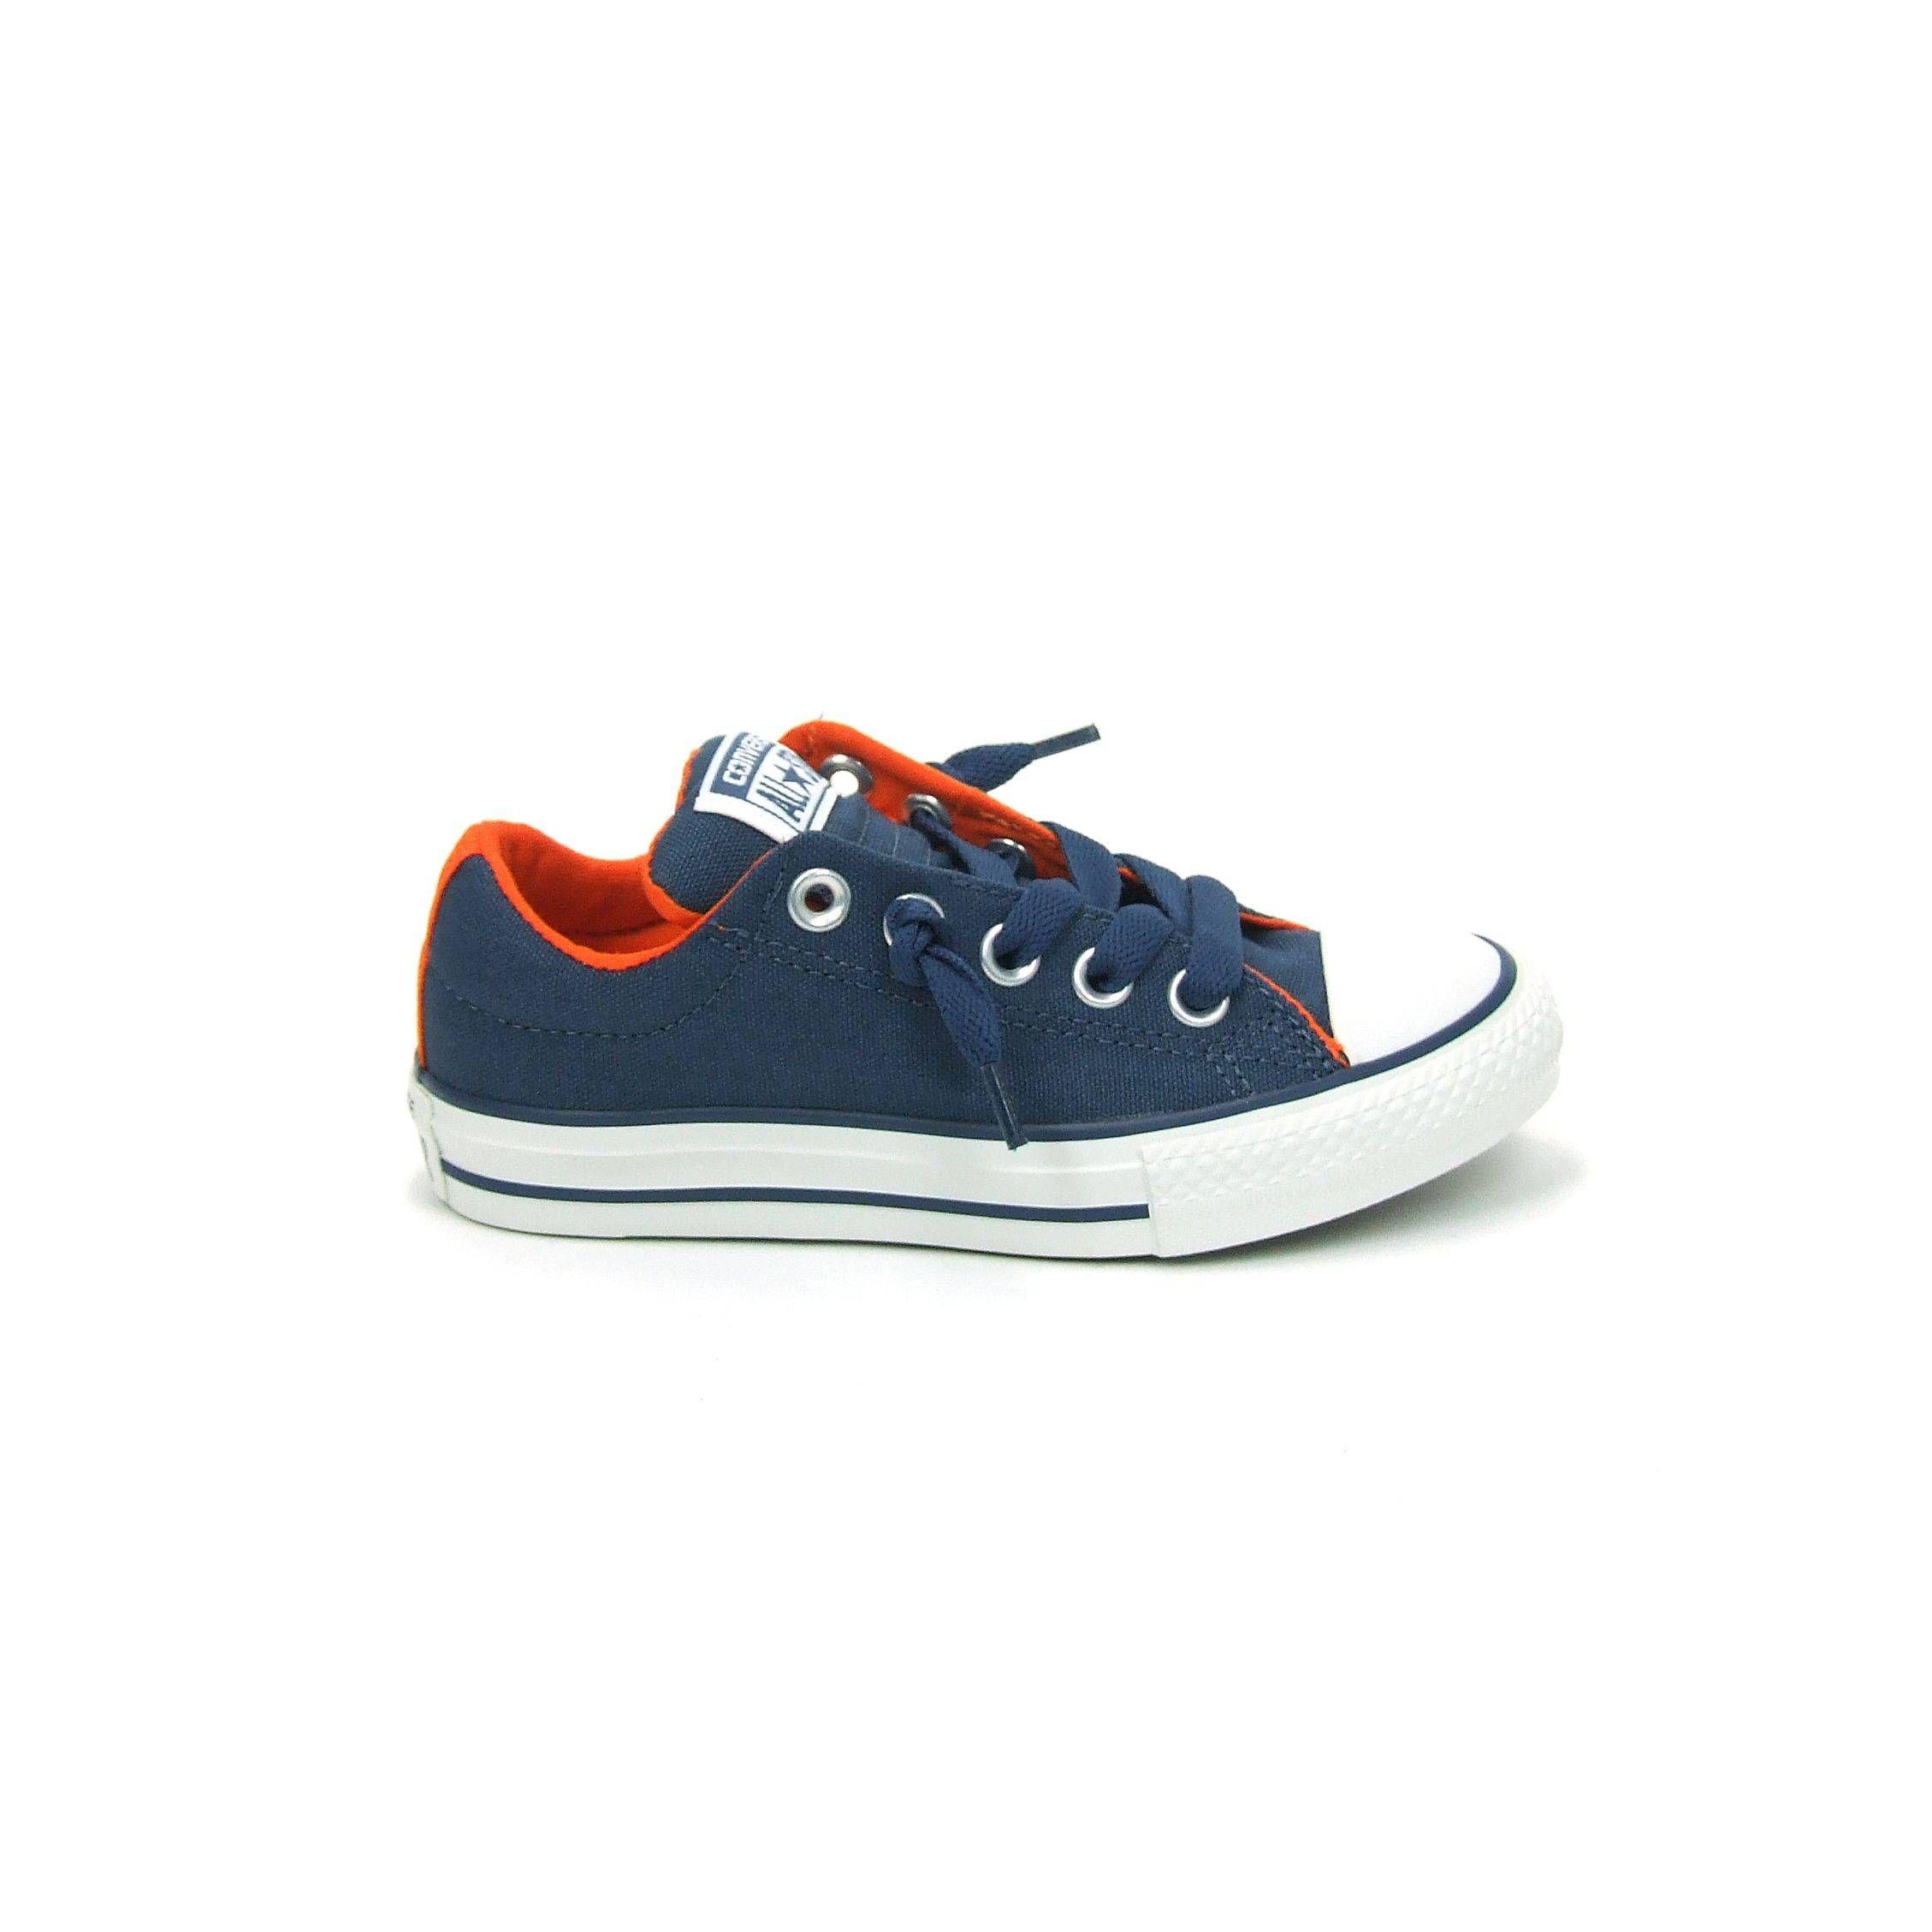 a976782573e5 Nieuwe schoenen aan het kopen bij Shoehoo.nl Stoere sneakers van Converse  All Star